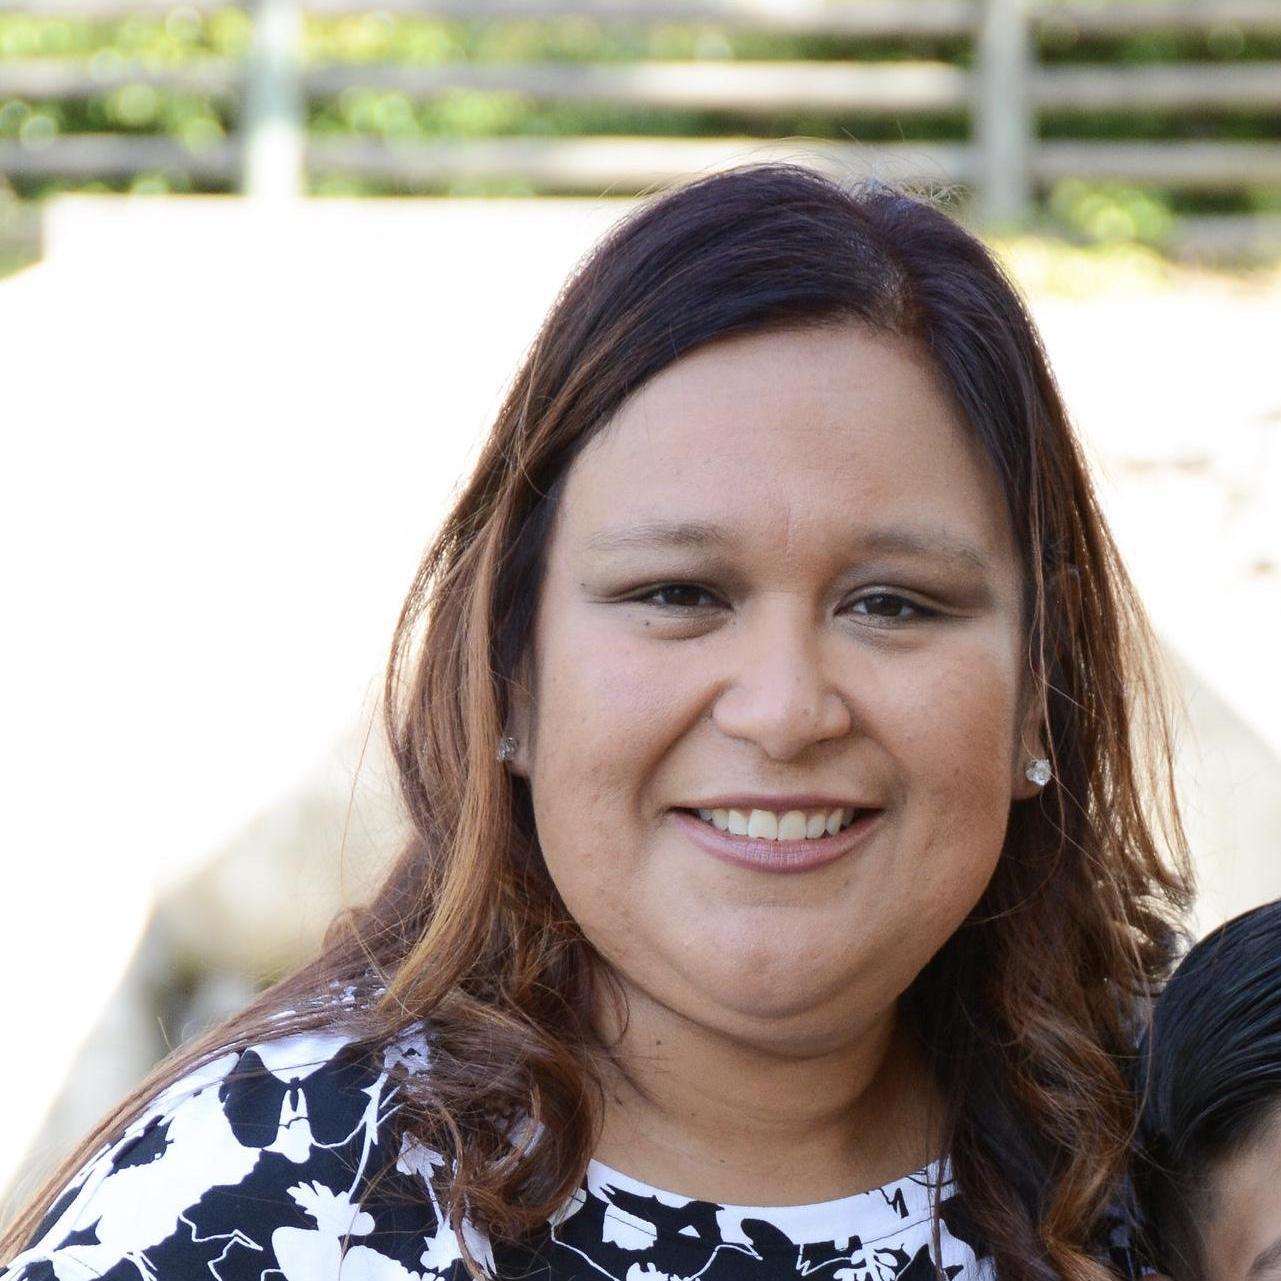 Danielle Dominguez's Profile Photo